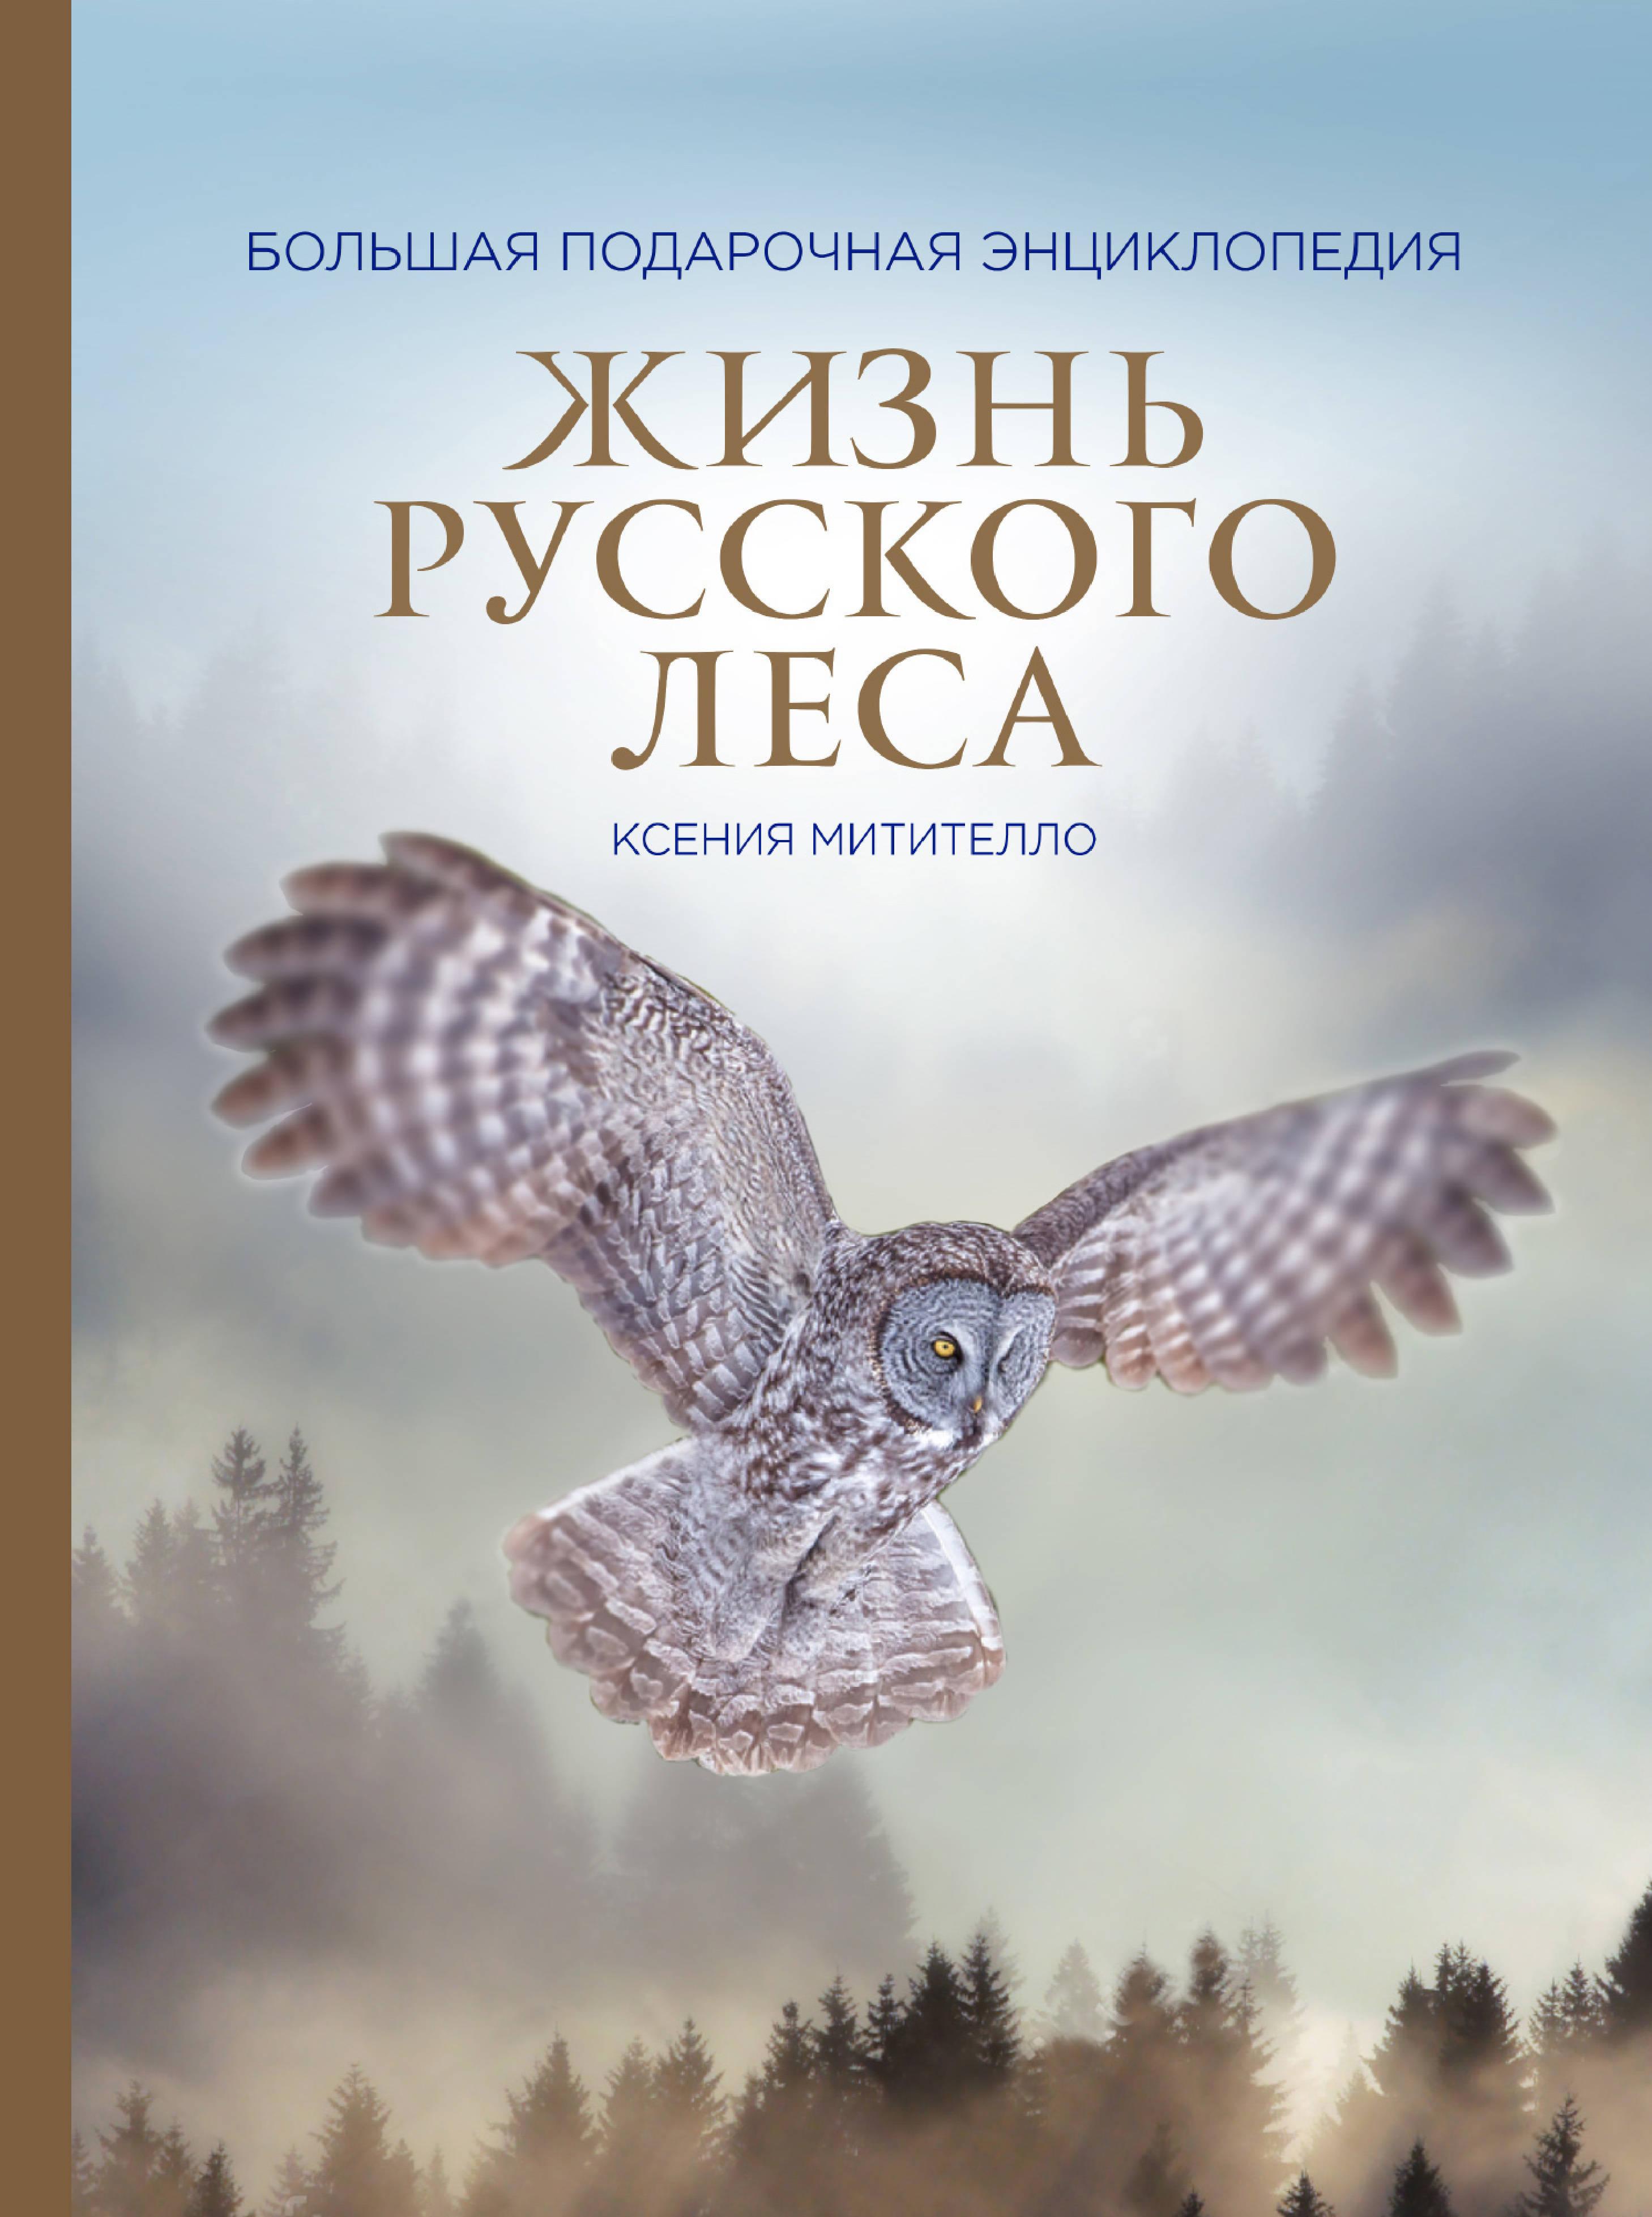 Жизнь русского леса (издание дополненное и переработанное) (стерео-варио)